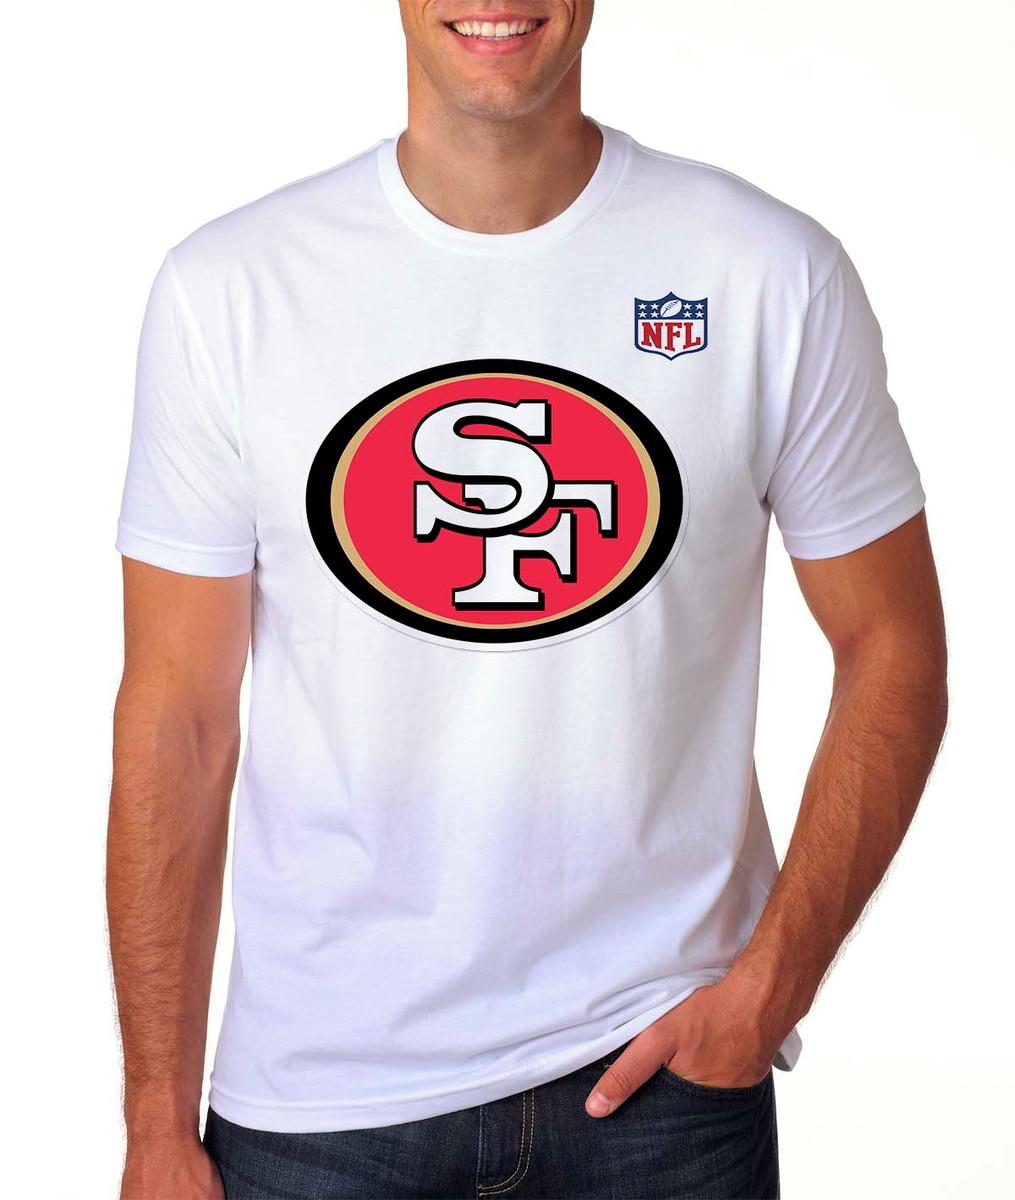 34315a24ce675 Camiseta San Francisco 49ers NFL - A3 no Elo7